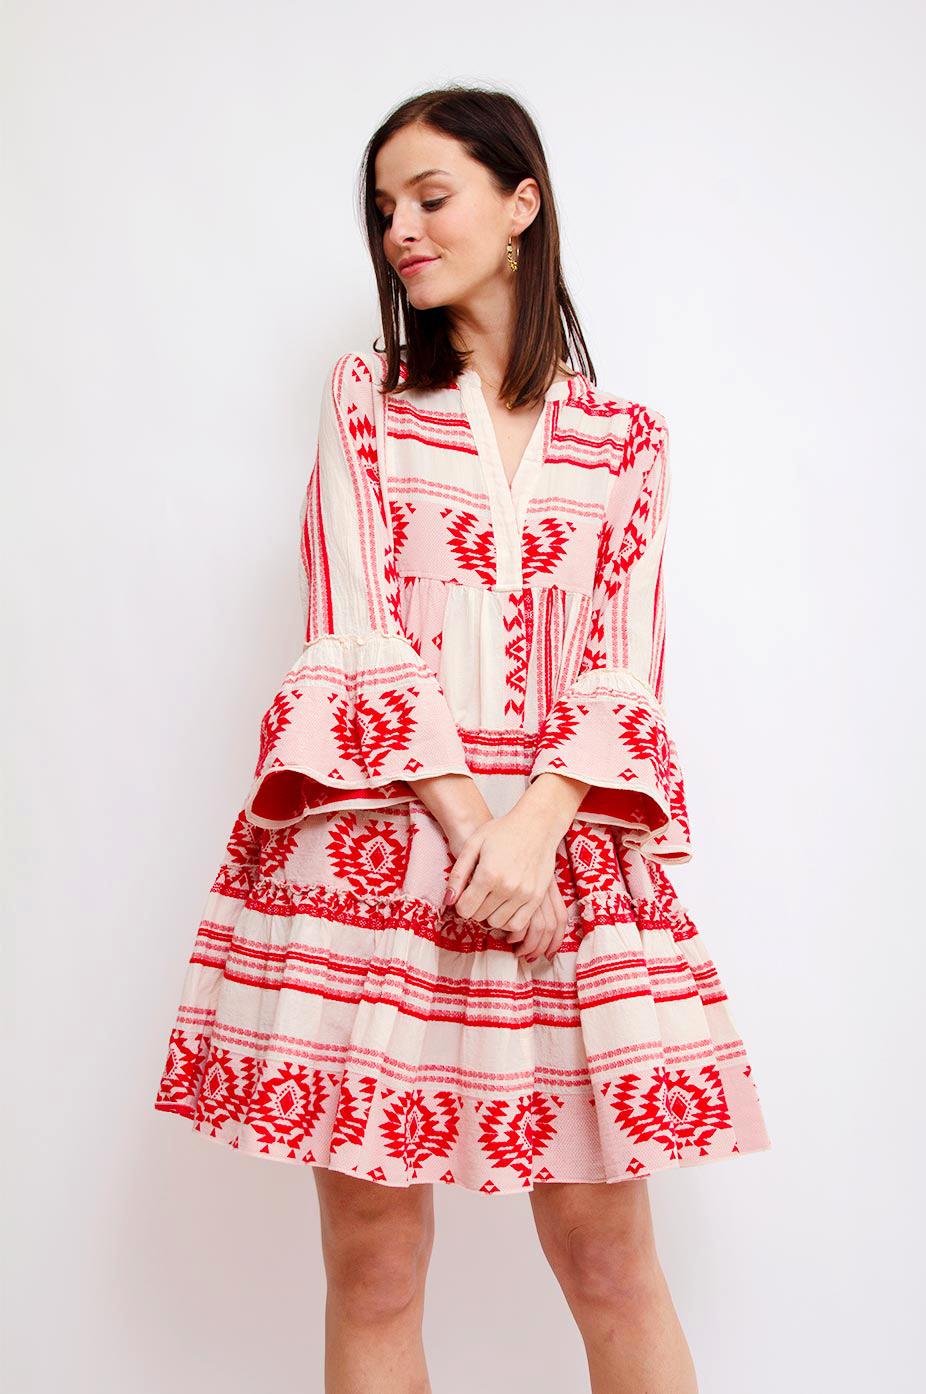 DEVOTION Red Devotion Aztek Ioli Embroidery Dress